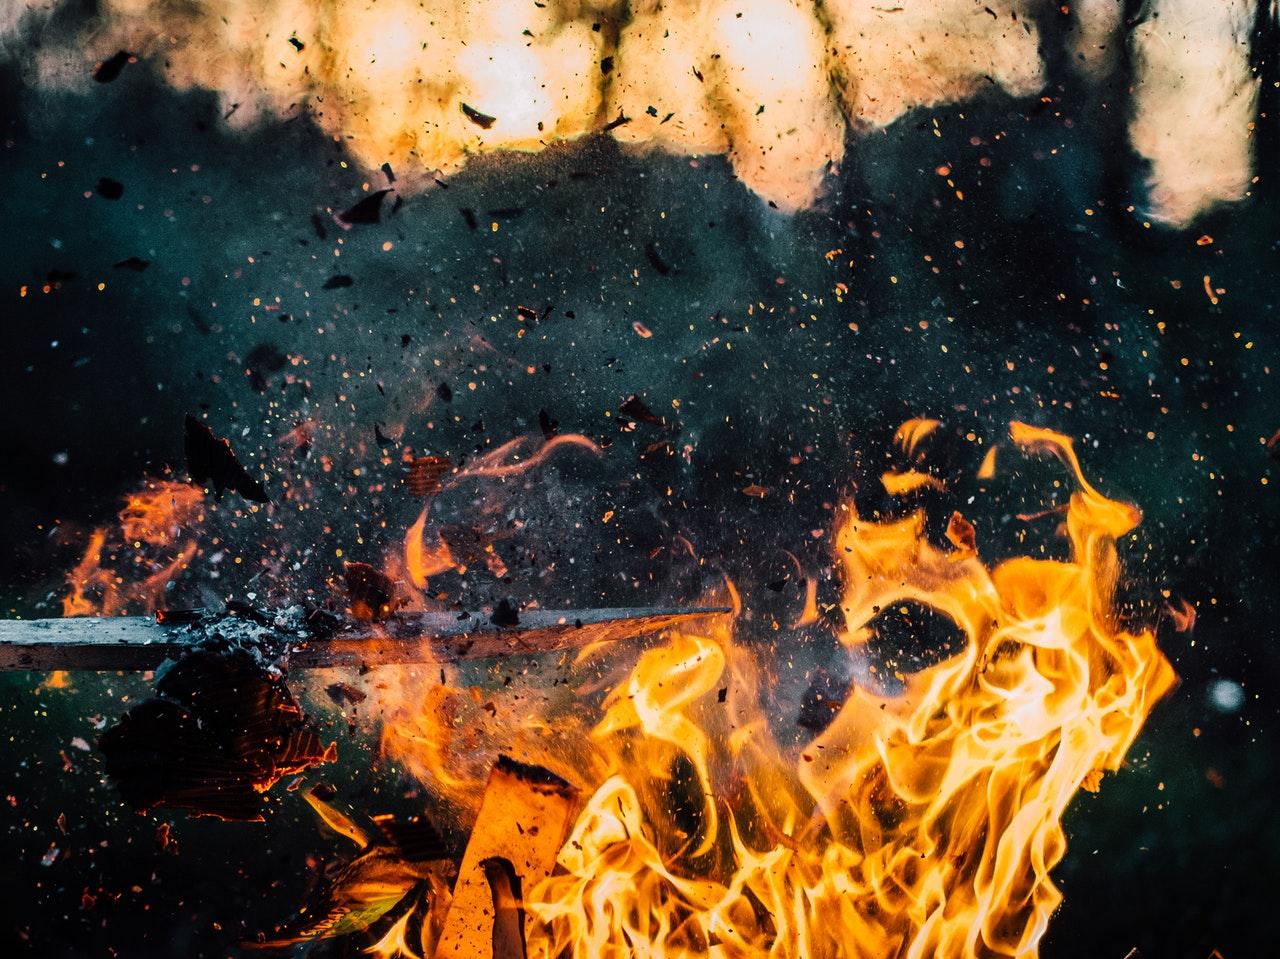 Kaliforniai tűzvész: 9-13 milliárd dollárba kerül a biztosítóknak